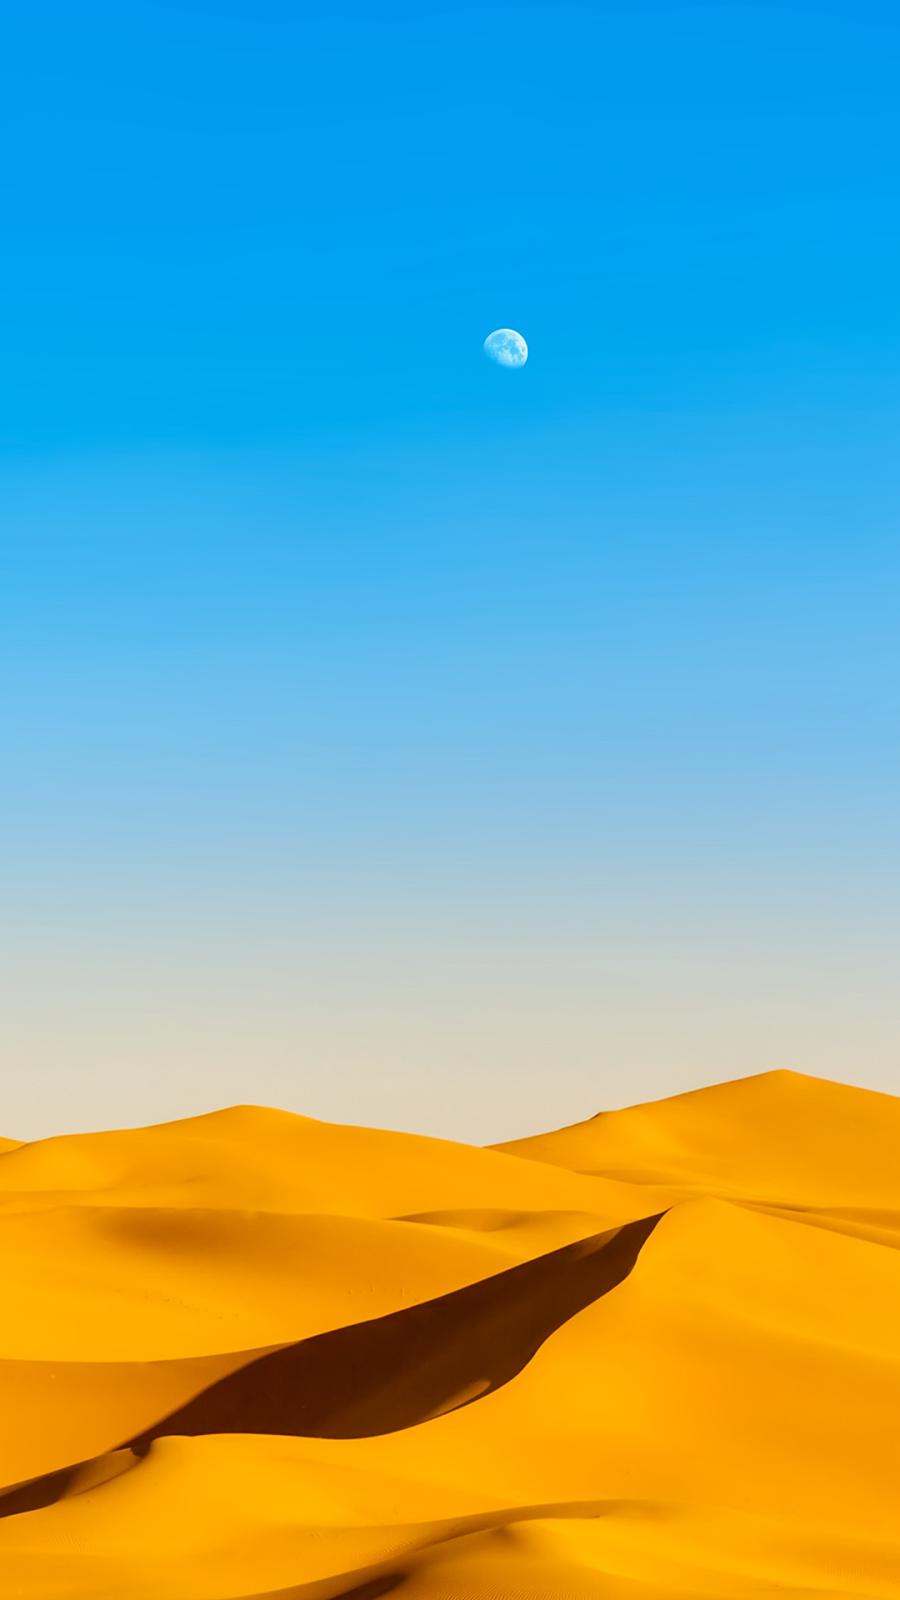 Kho hình nền điện thoại Asus Zenfone 2, 5 mới nhất